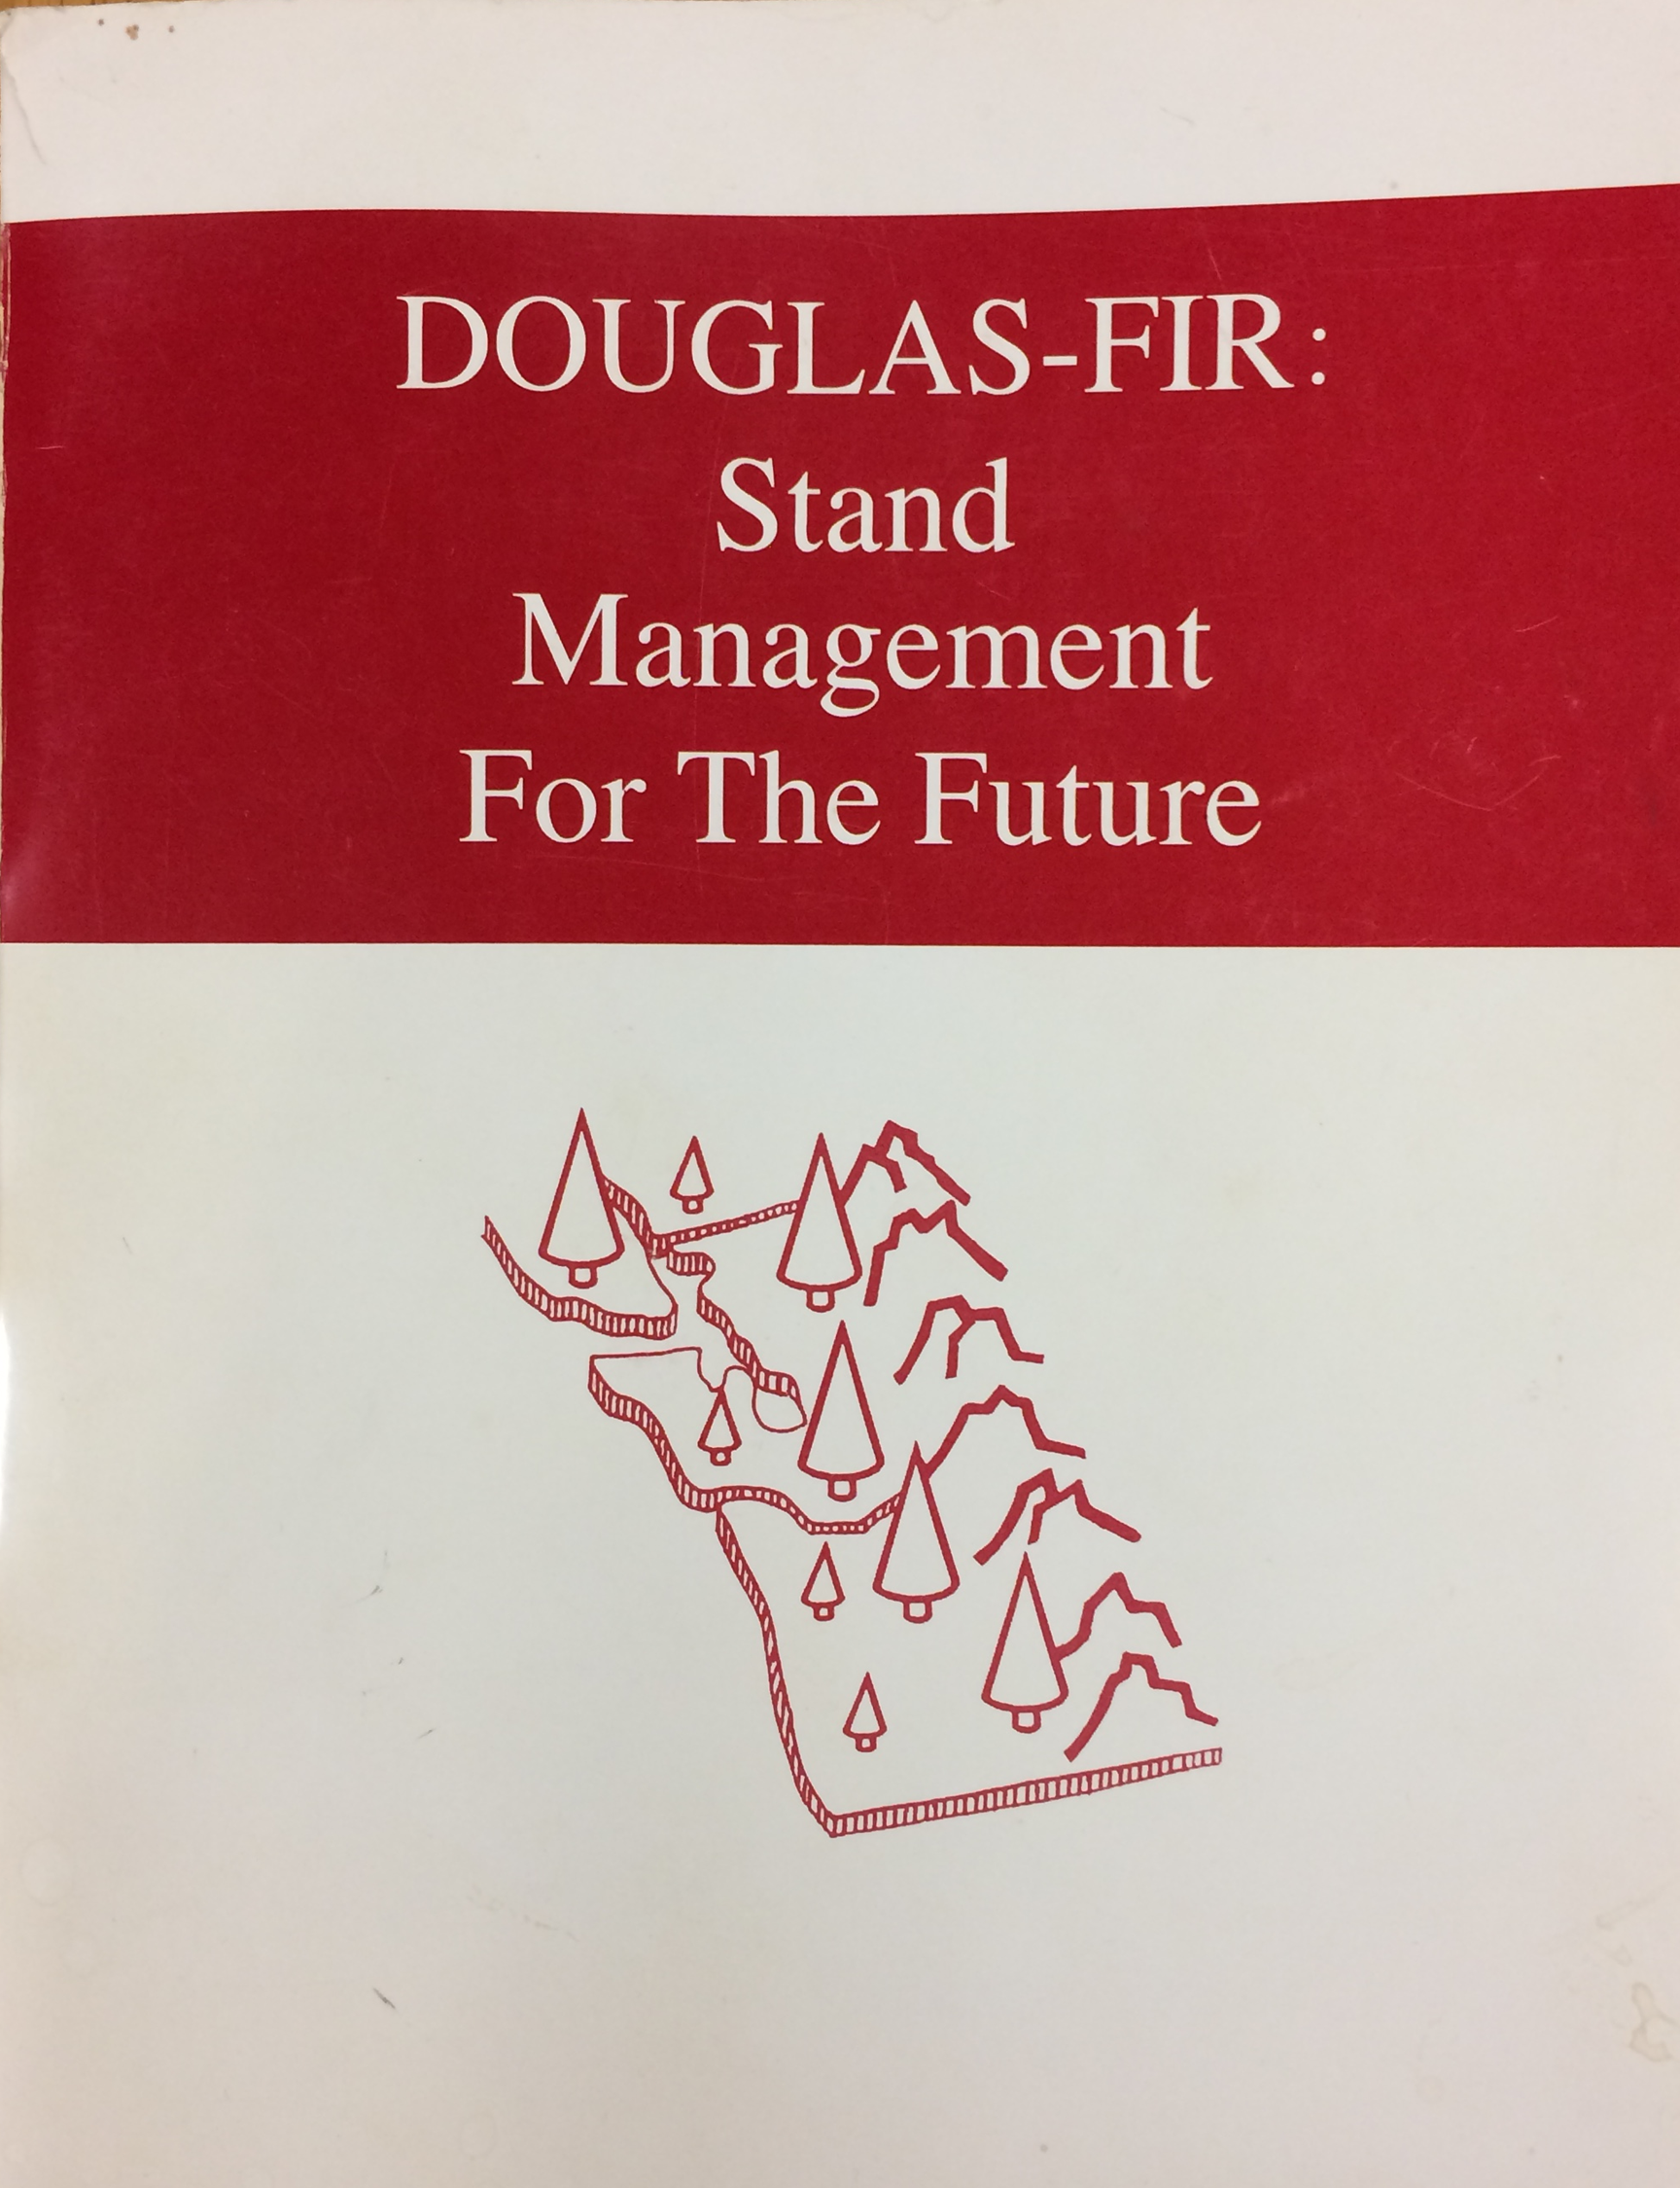 Douglas-fir.png